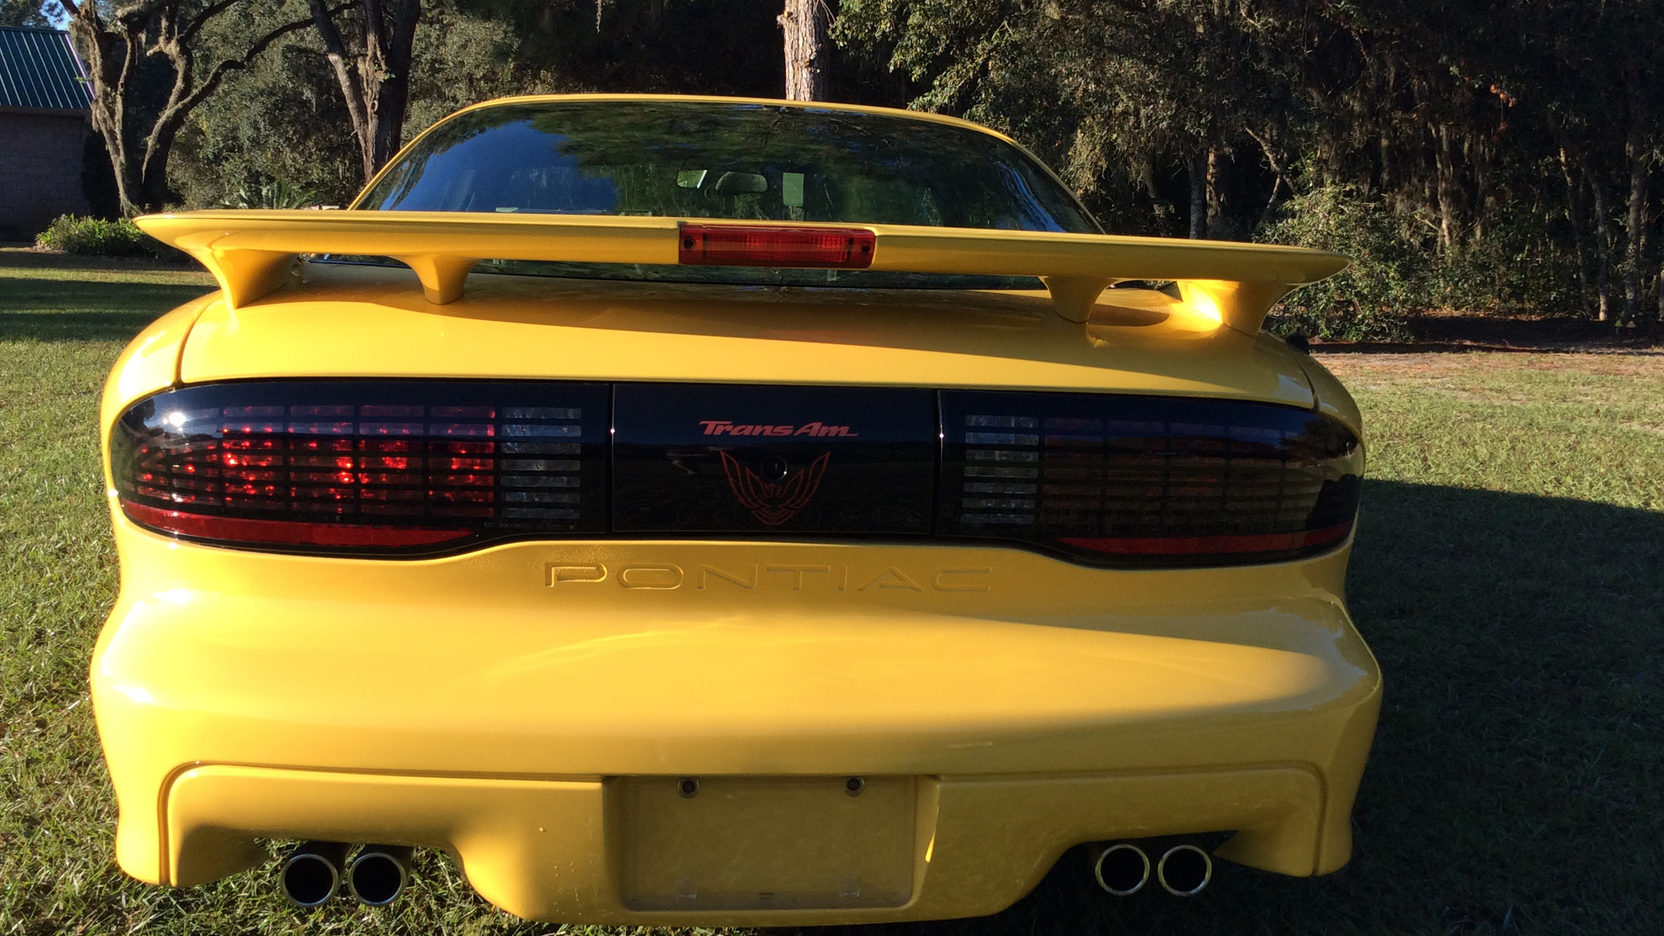 1993 Pontiac Firebird Trans Am rear